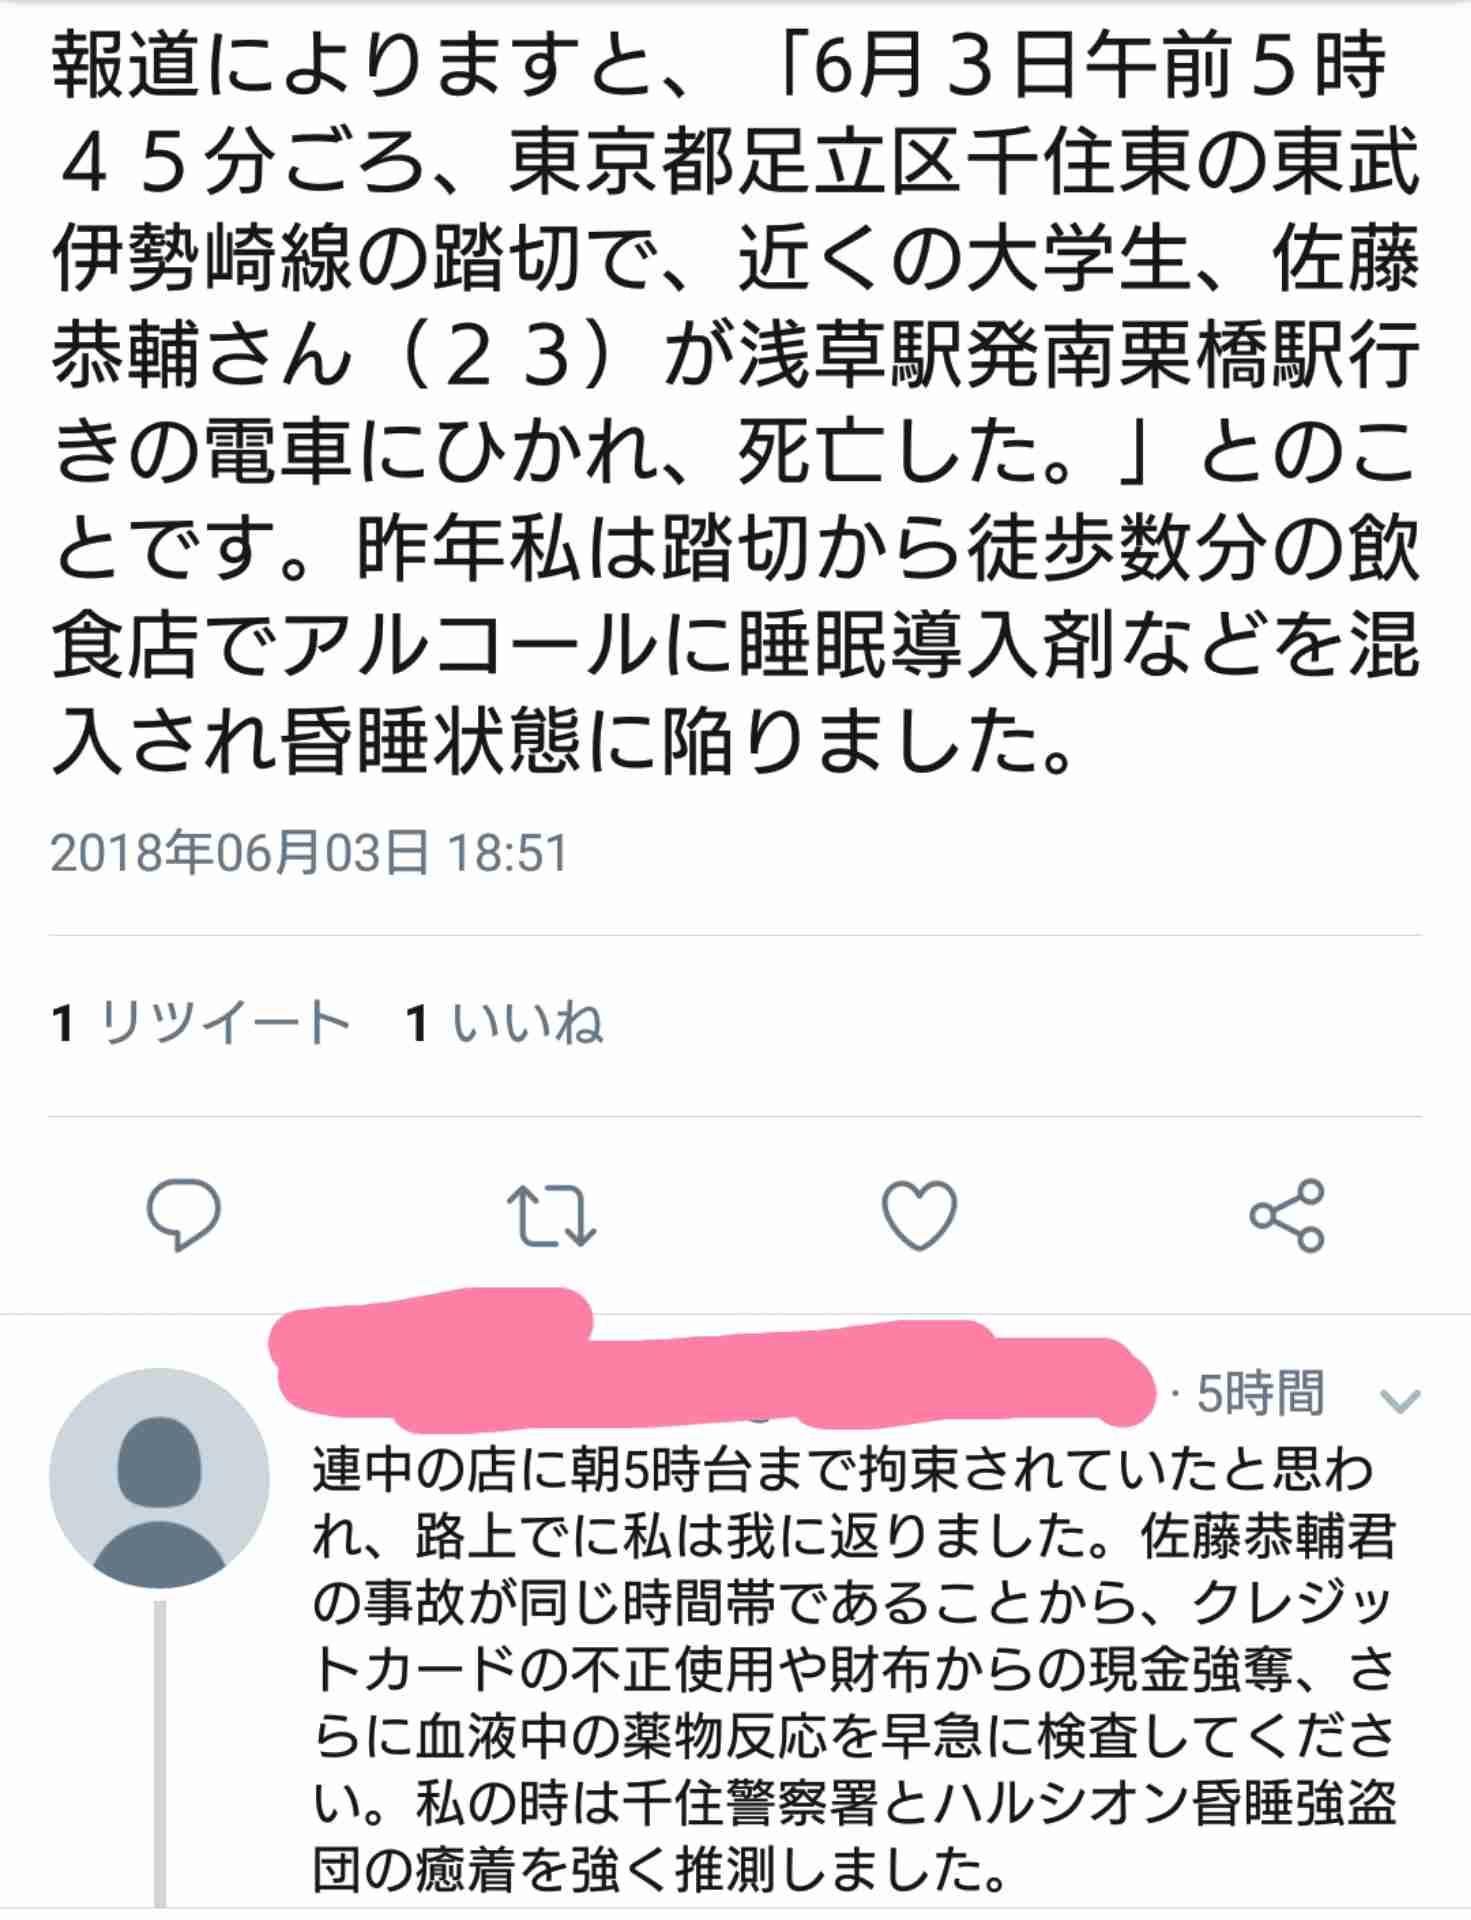 男子大学生が踏切内で電車にはねられ死亡 直前に転倒 東京・足立